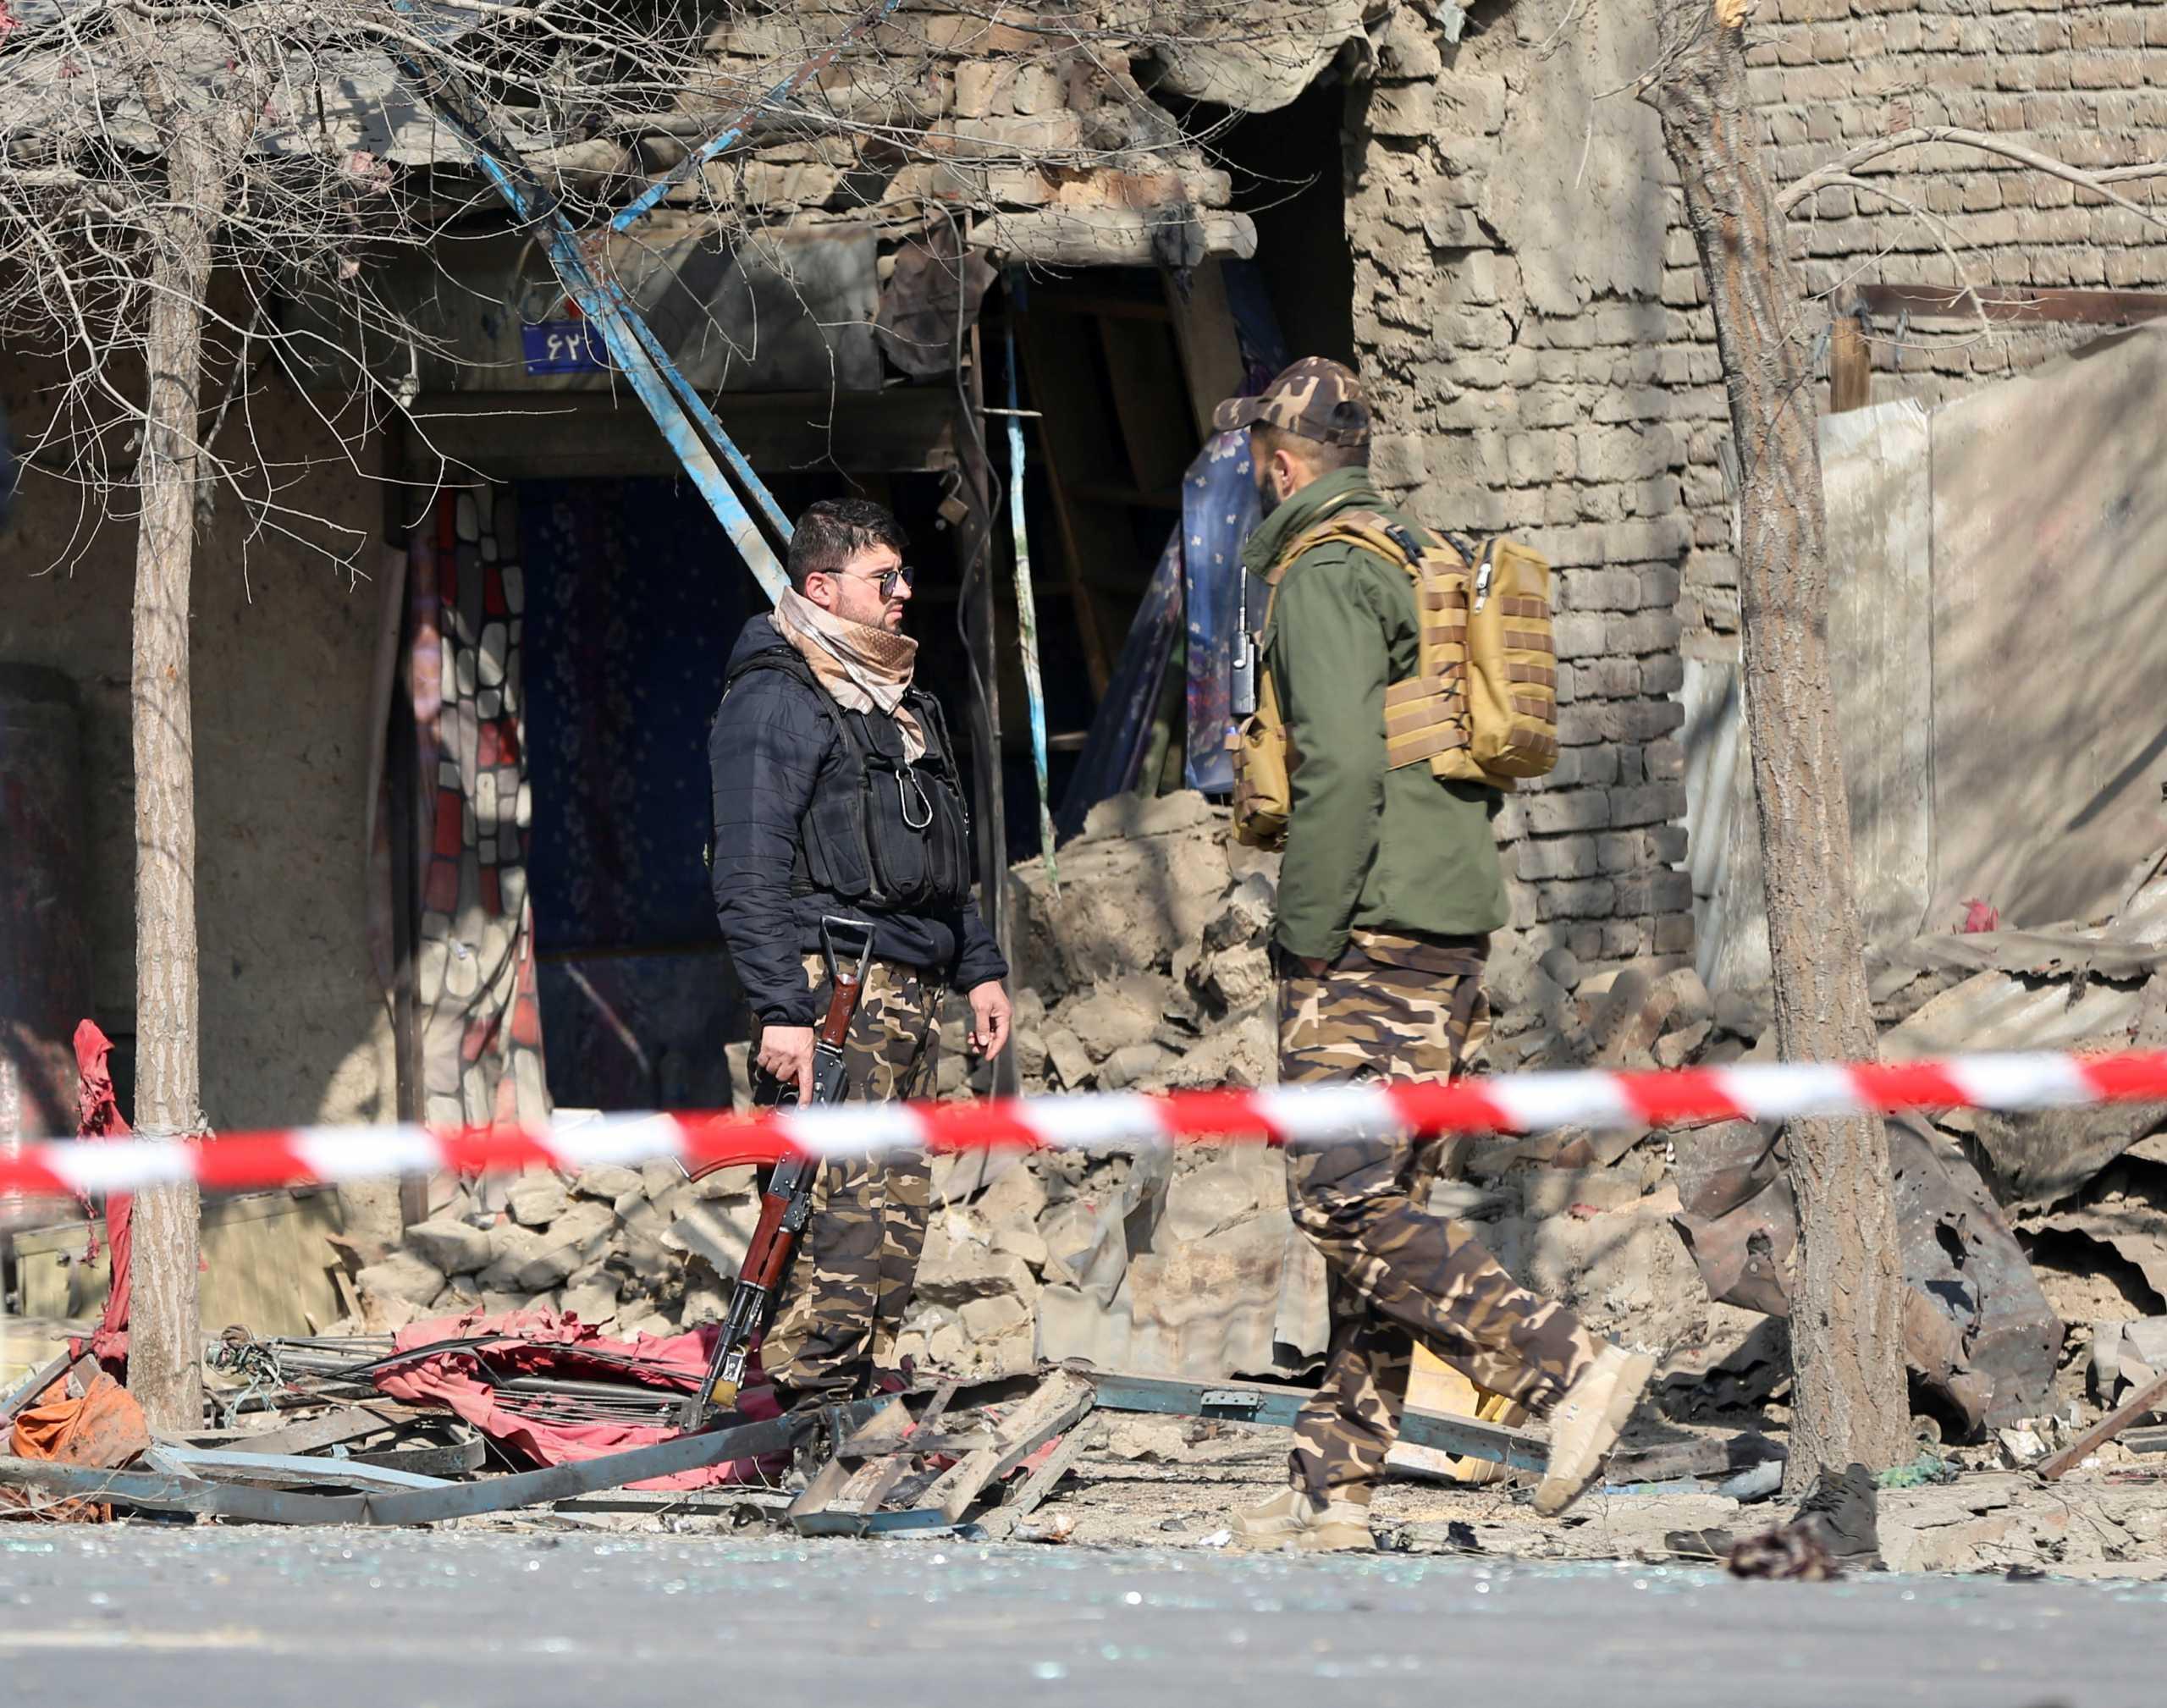 Αφγανιστάν: Άρχισε η εκκένωση της πρεσβείας των ΗΠΑ στη Καμπούλ